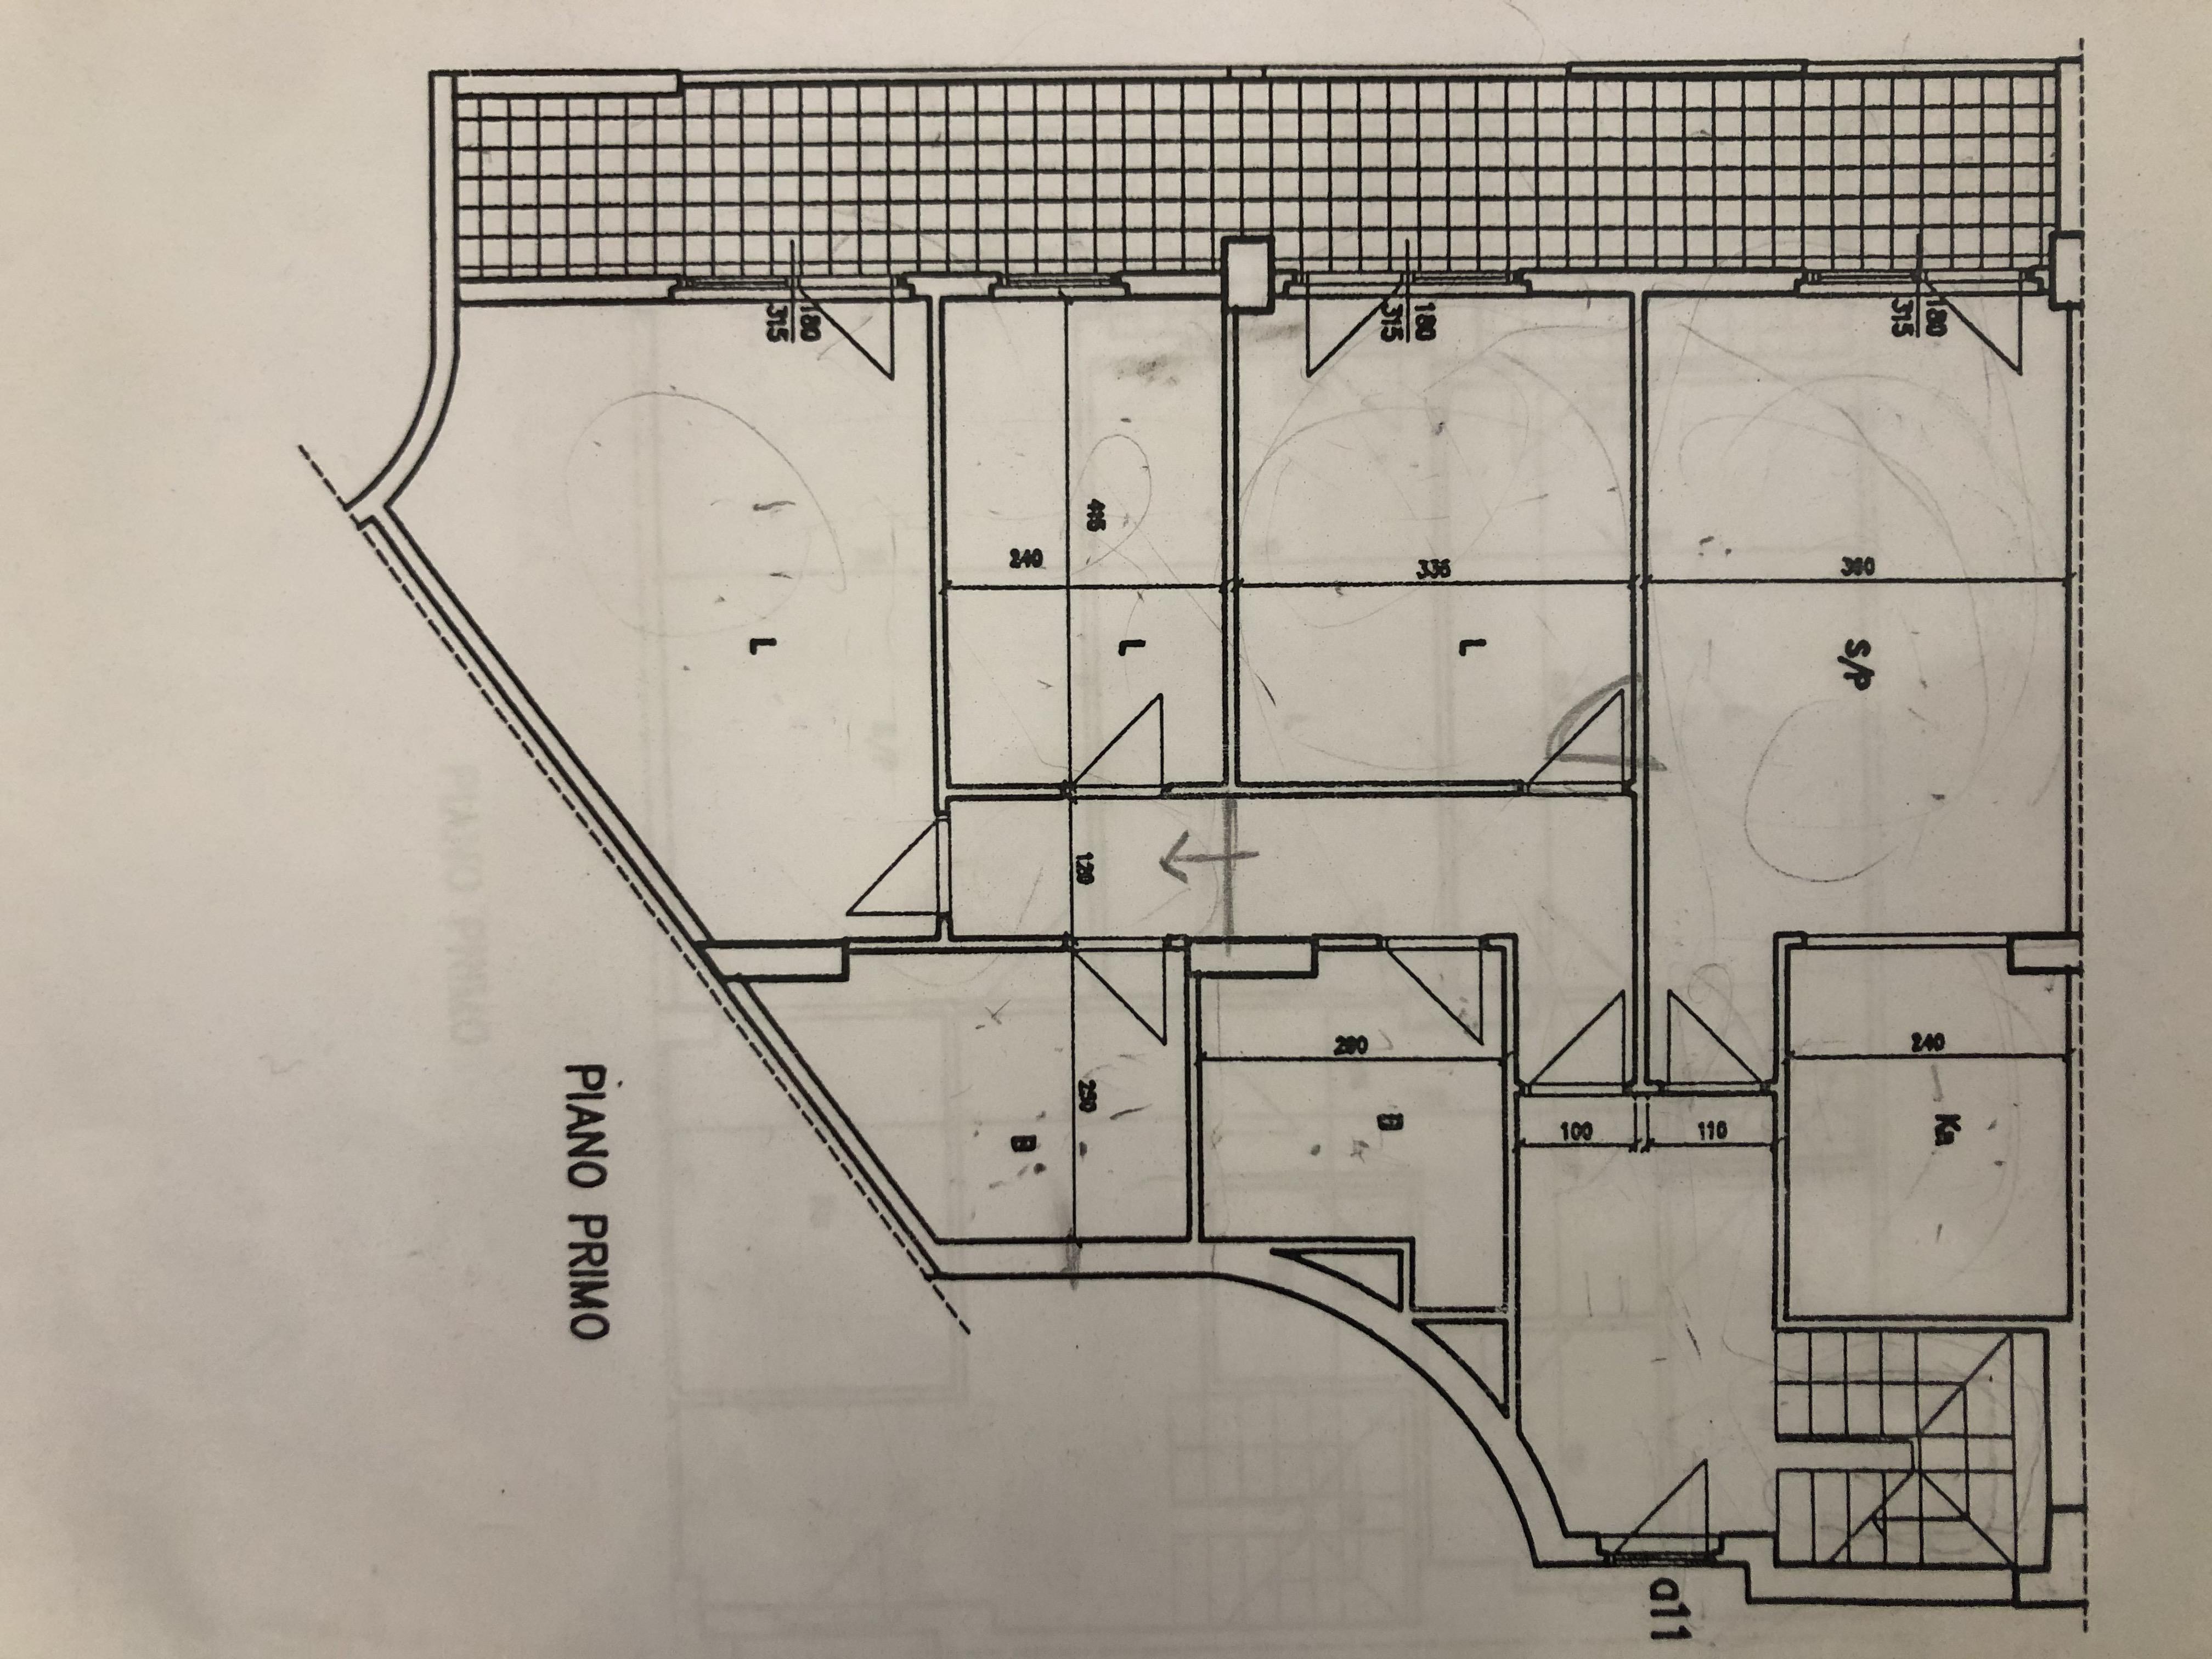 Appartamento in vendita, rif. F/0396 (Planimetria 1/2)